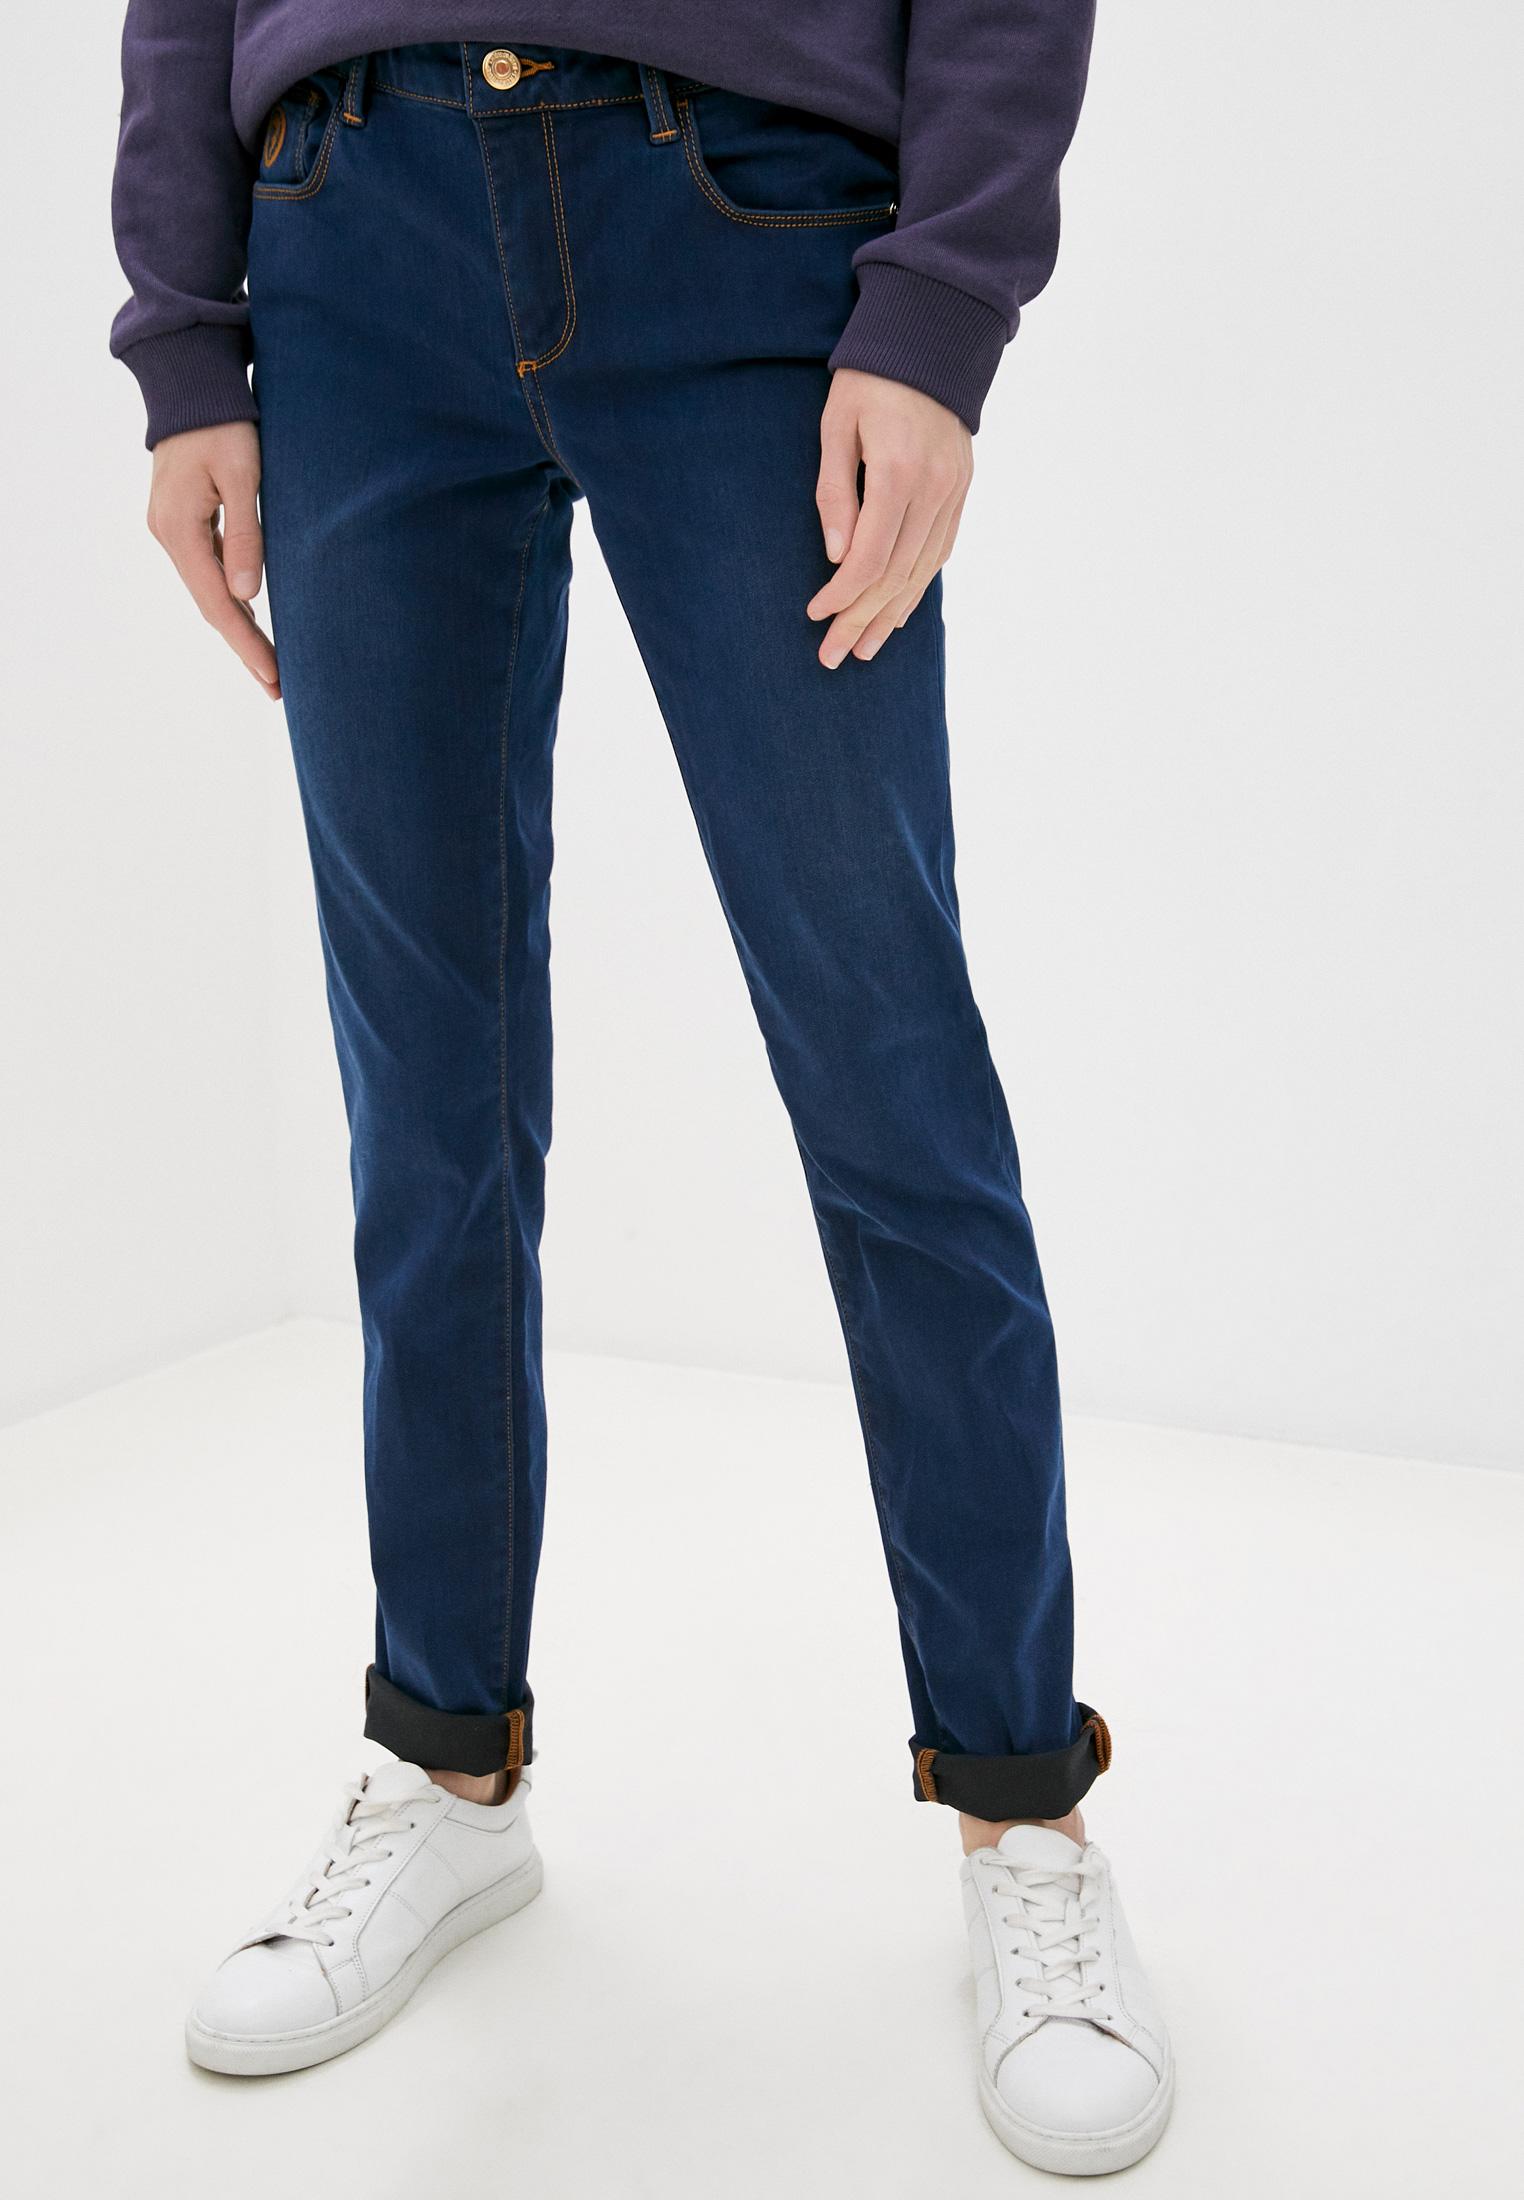 Зауженные джинсы Trussardi (Труссарди) Джинсы Trussardi